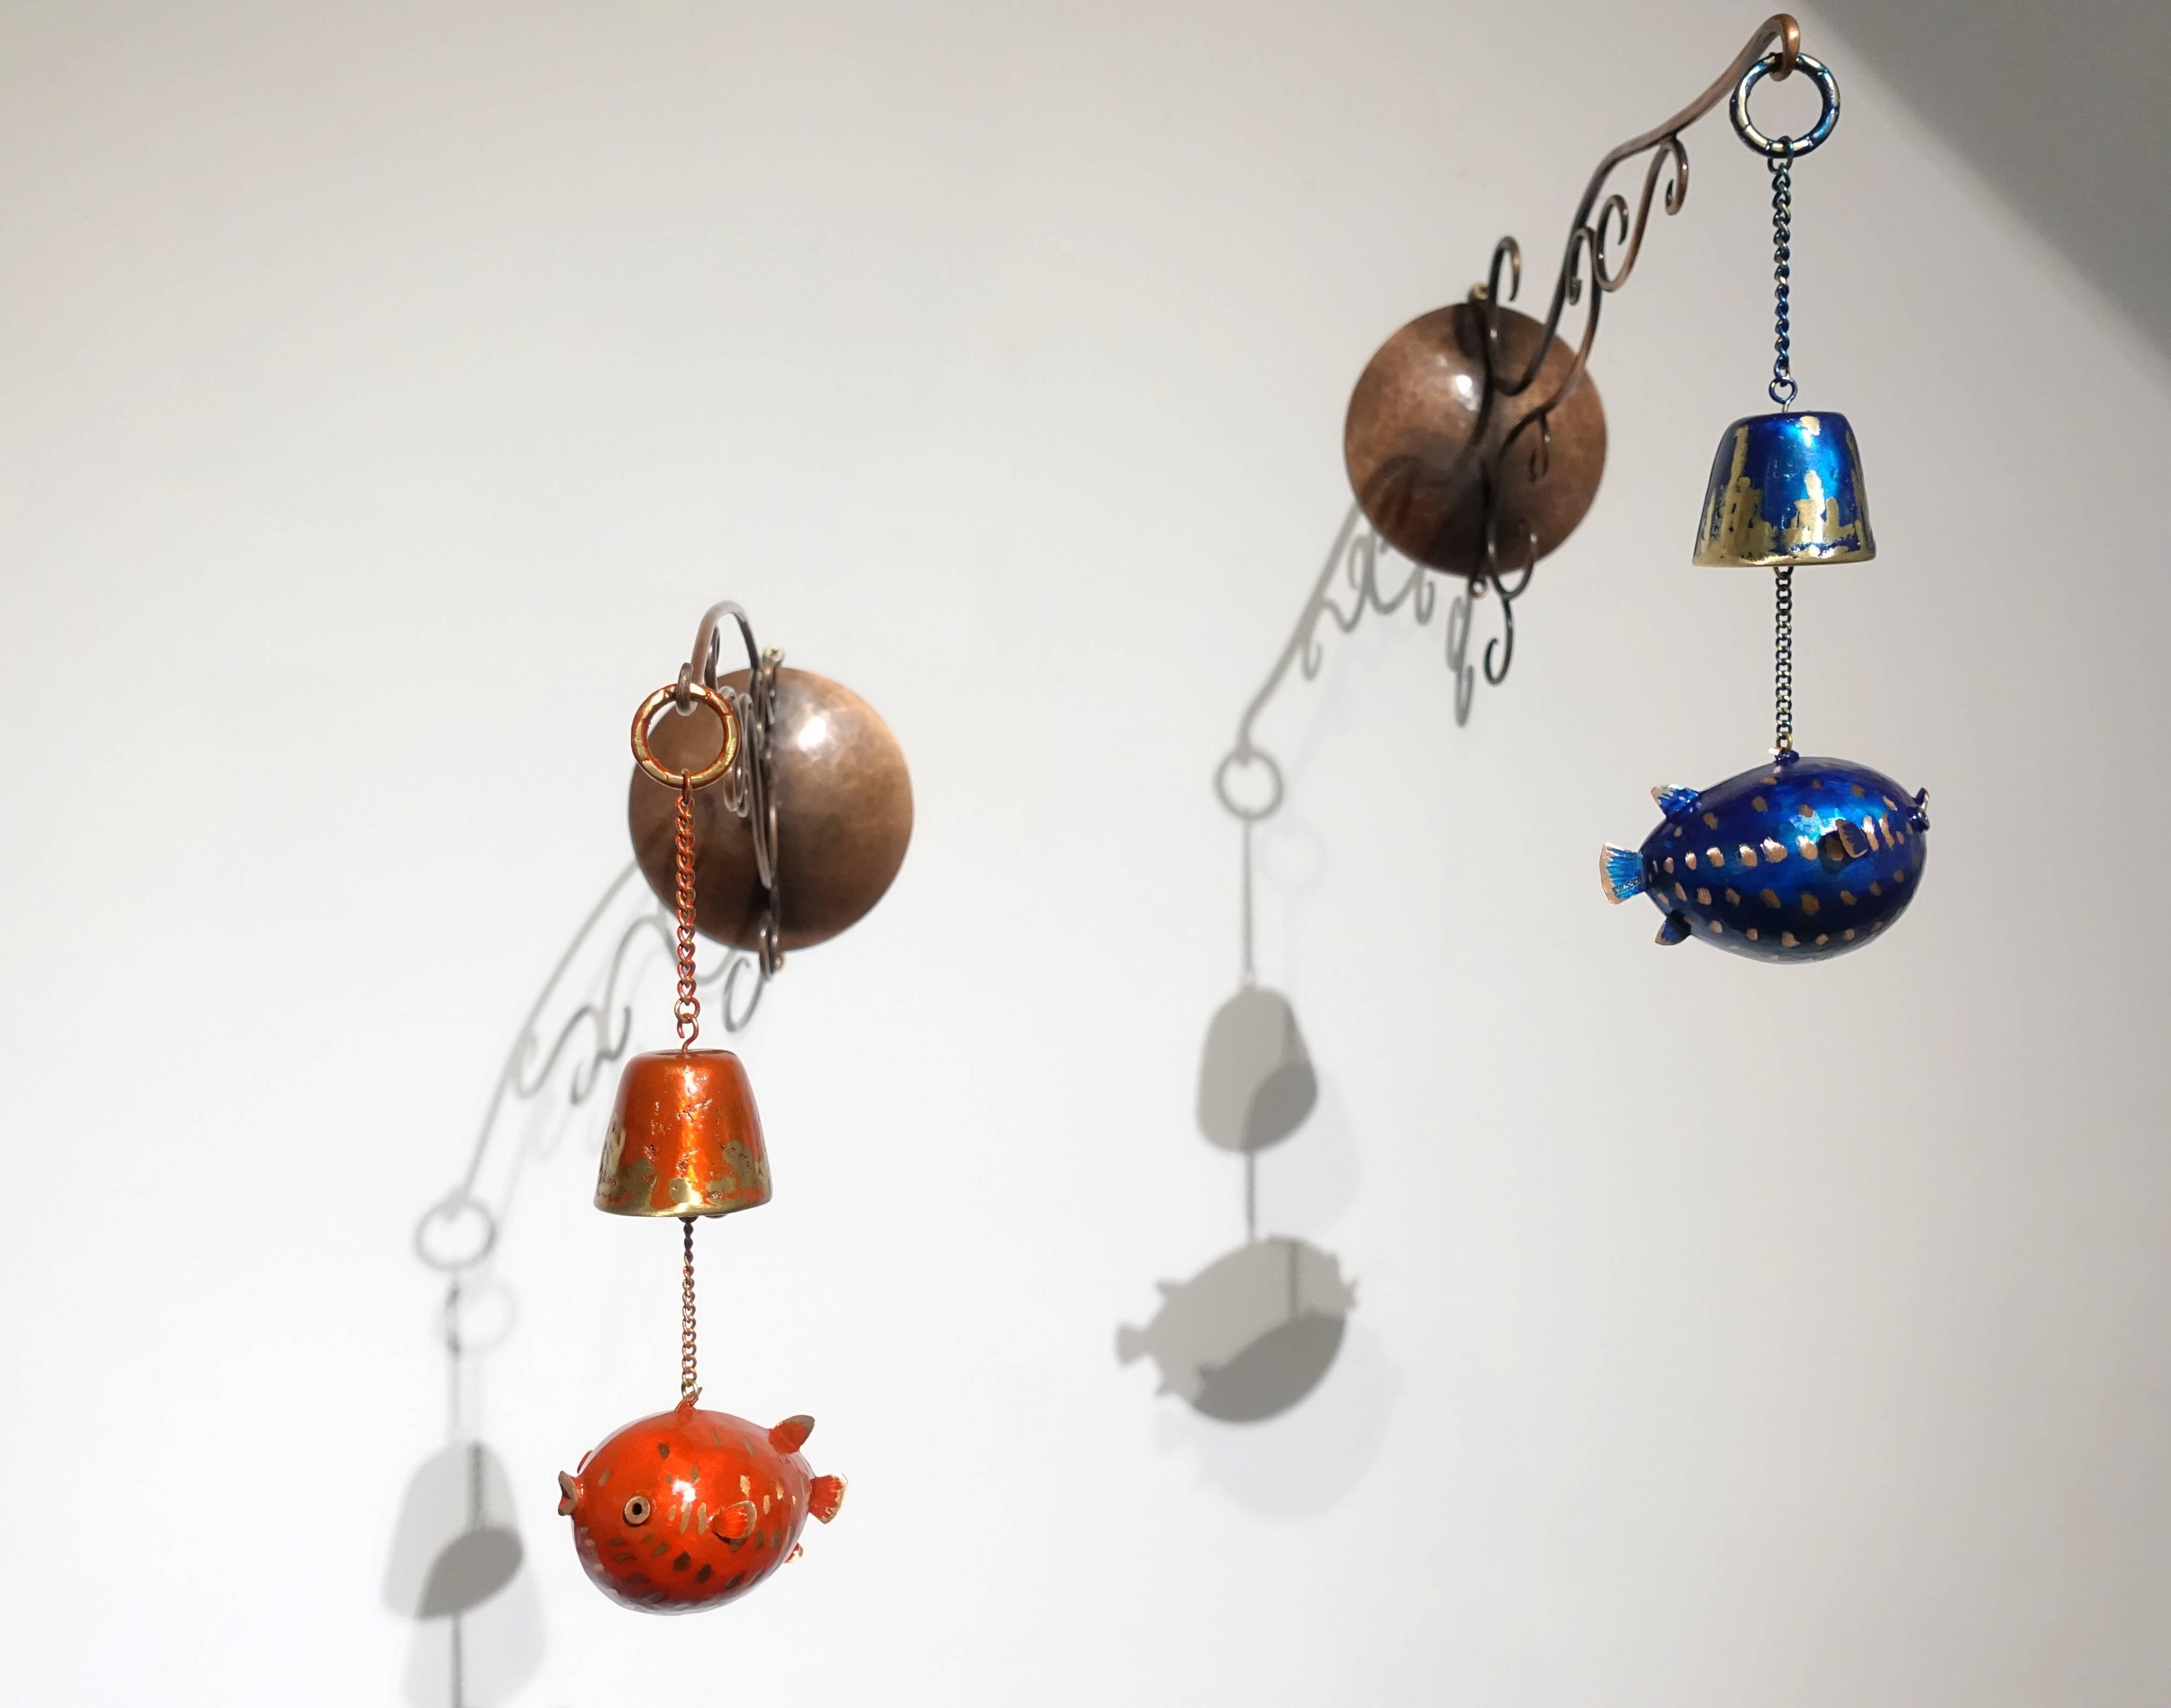 表溟善Pyo Myeong sun,《牆架1》《牆架2》,紅銅、黃銅、硝酸銅。